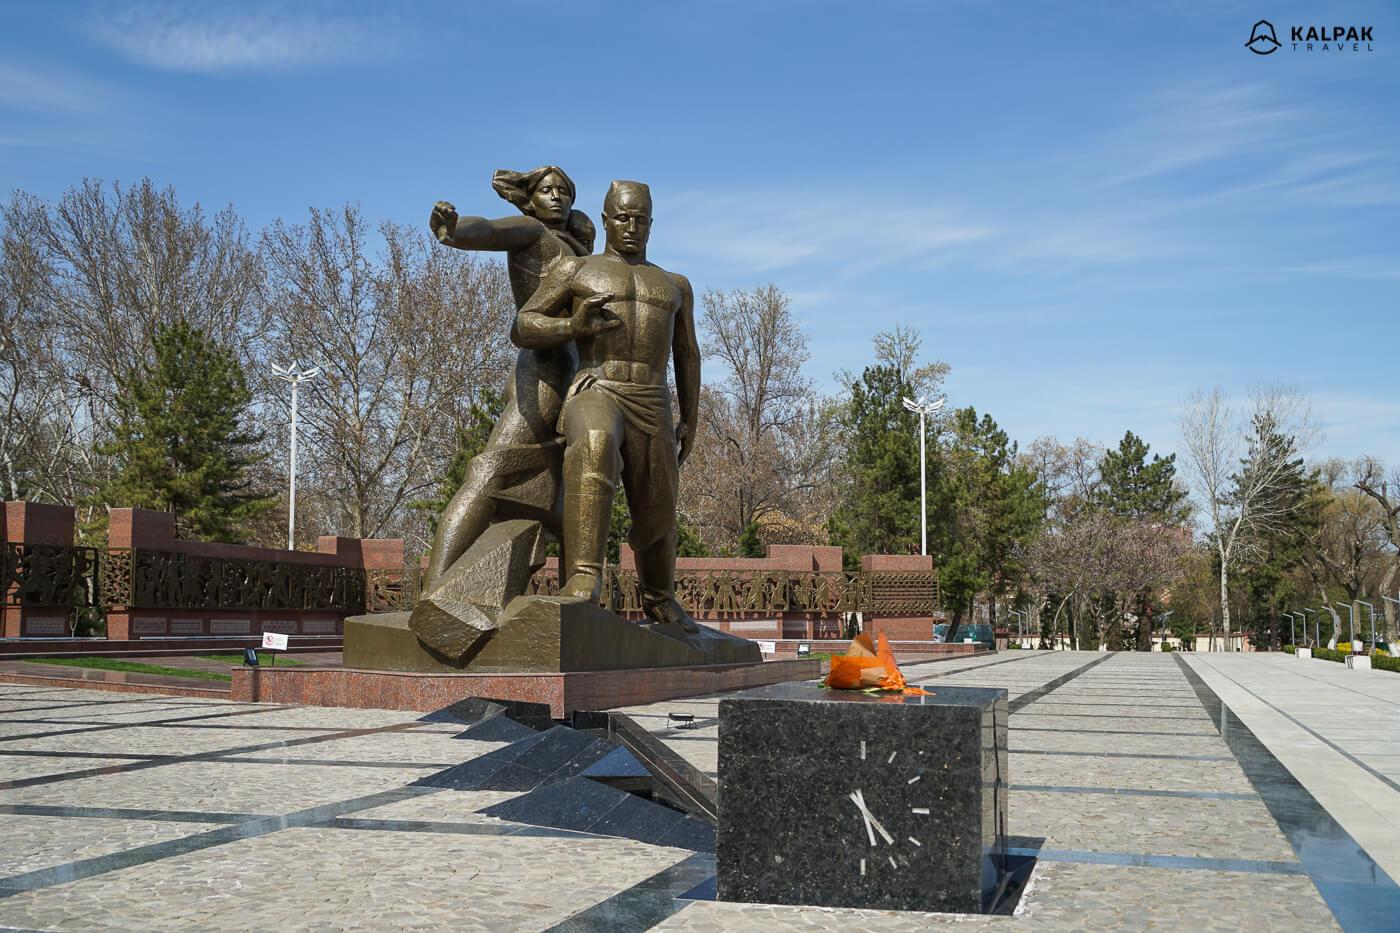 Tashkent Earthquake monument in Uzbekistan